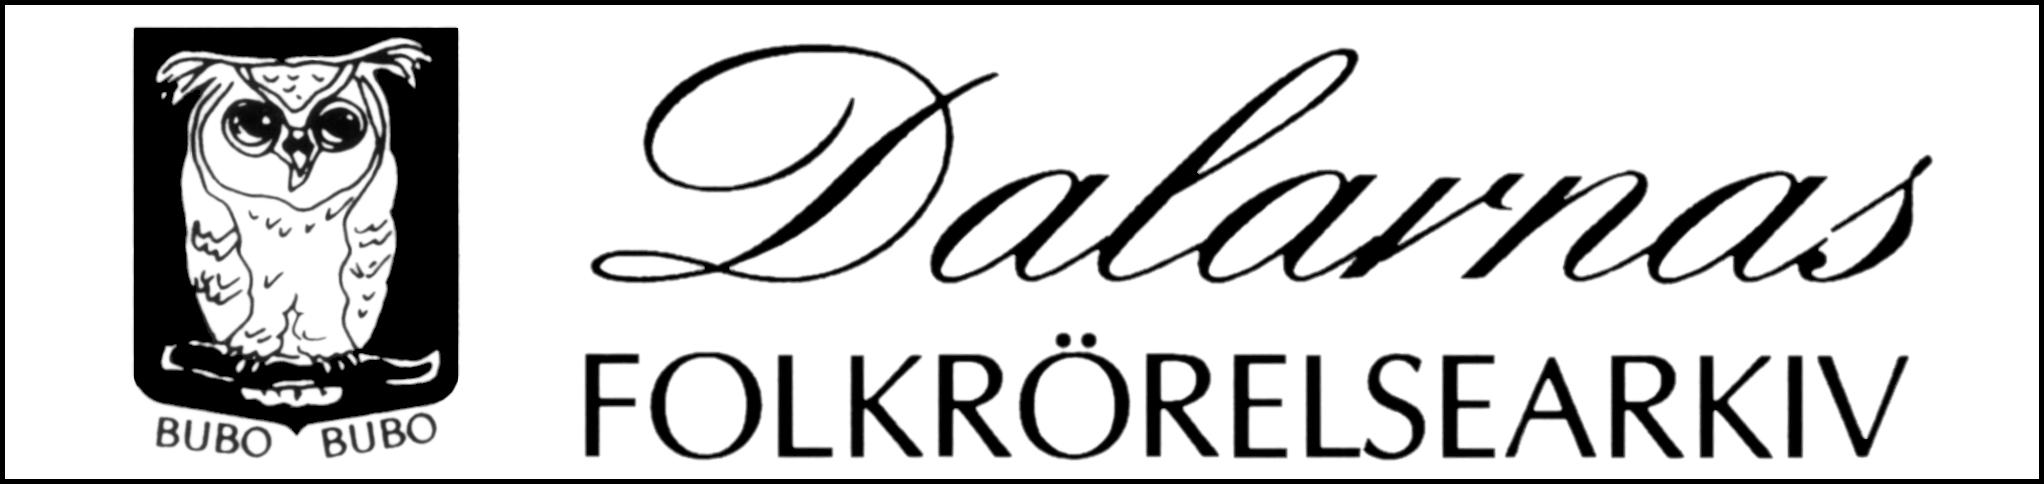 Dalarnas Folkrörelsearkivs logga